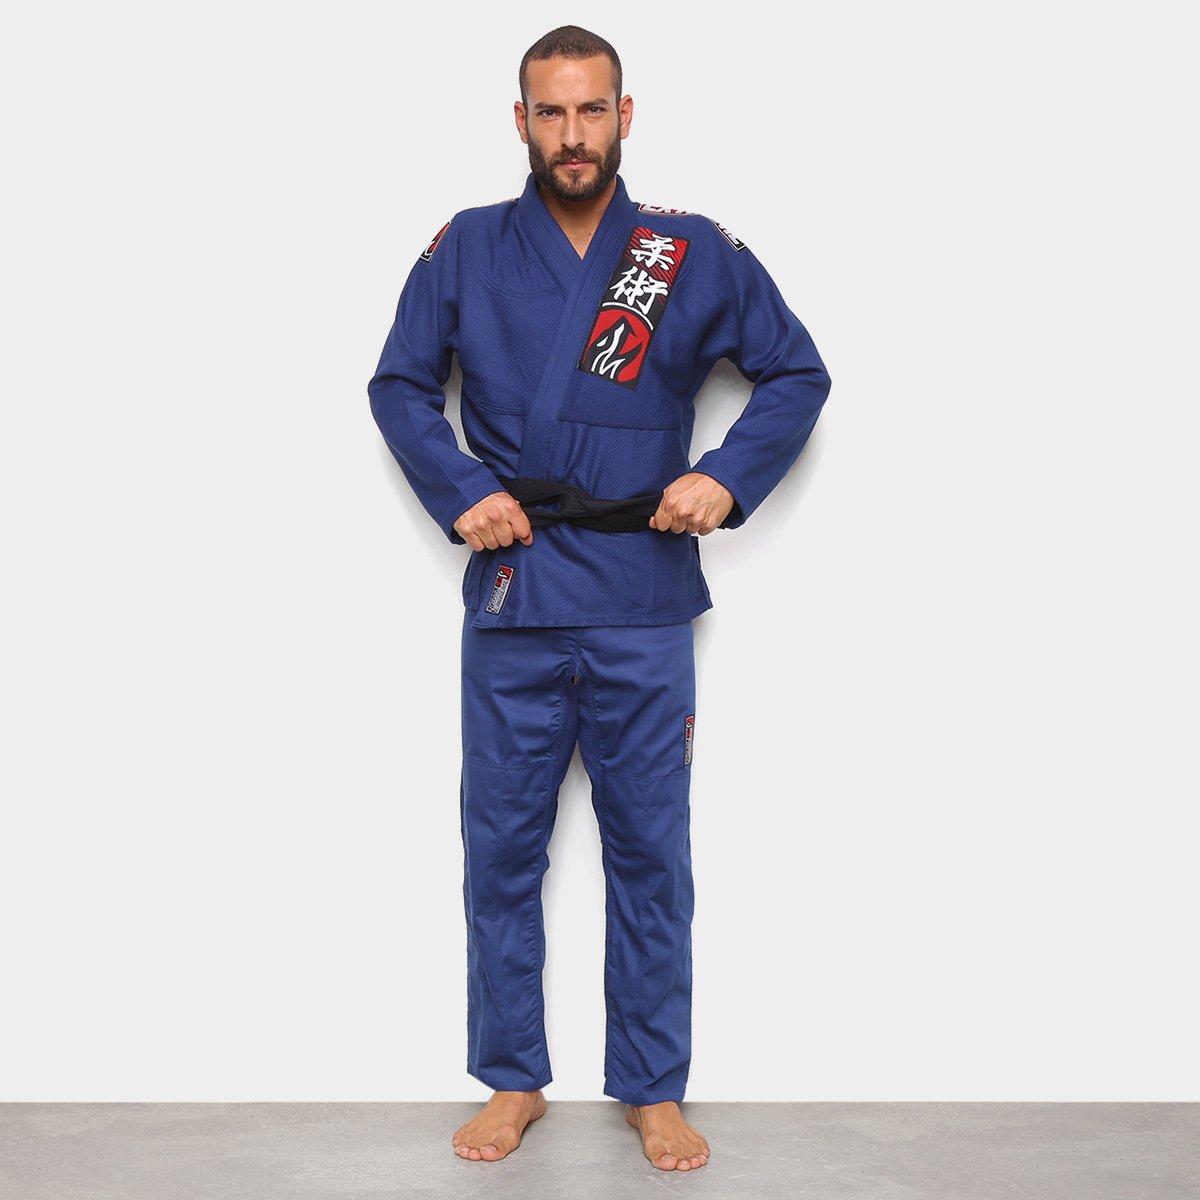 Kimono Jiu Jitsu Naja Choke